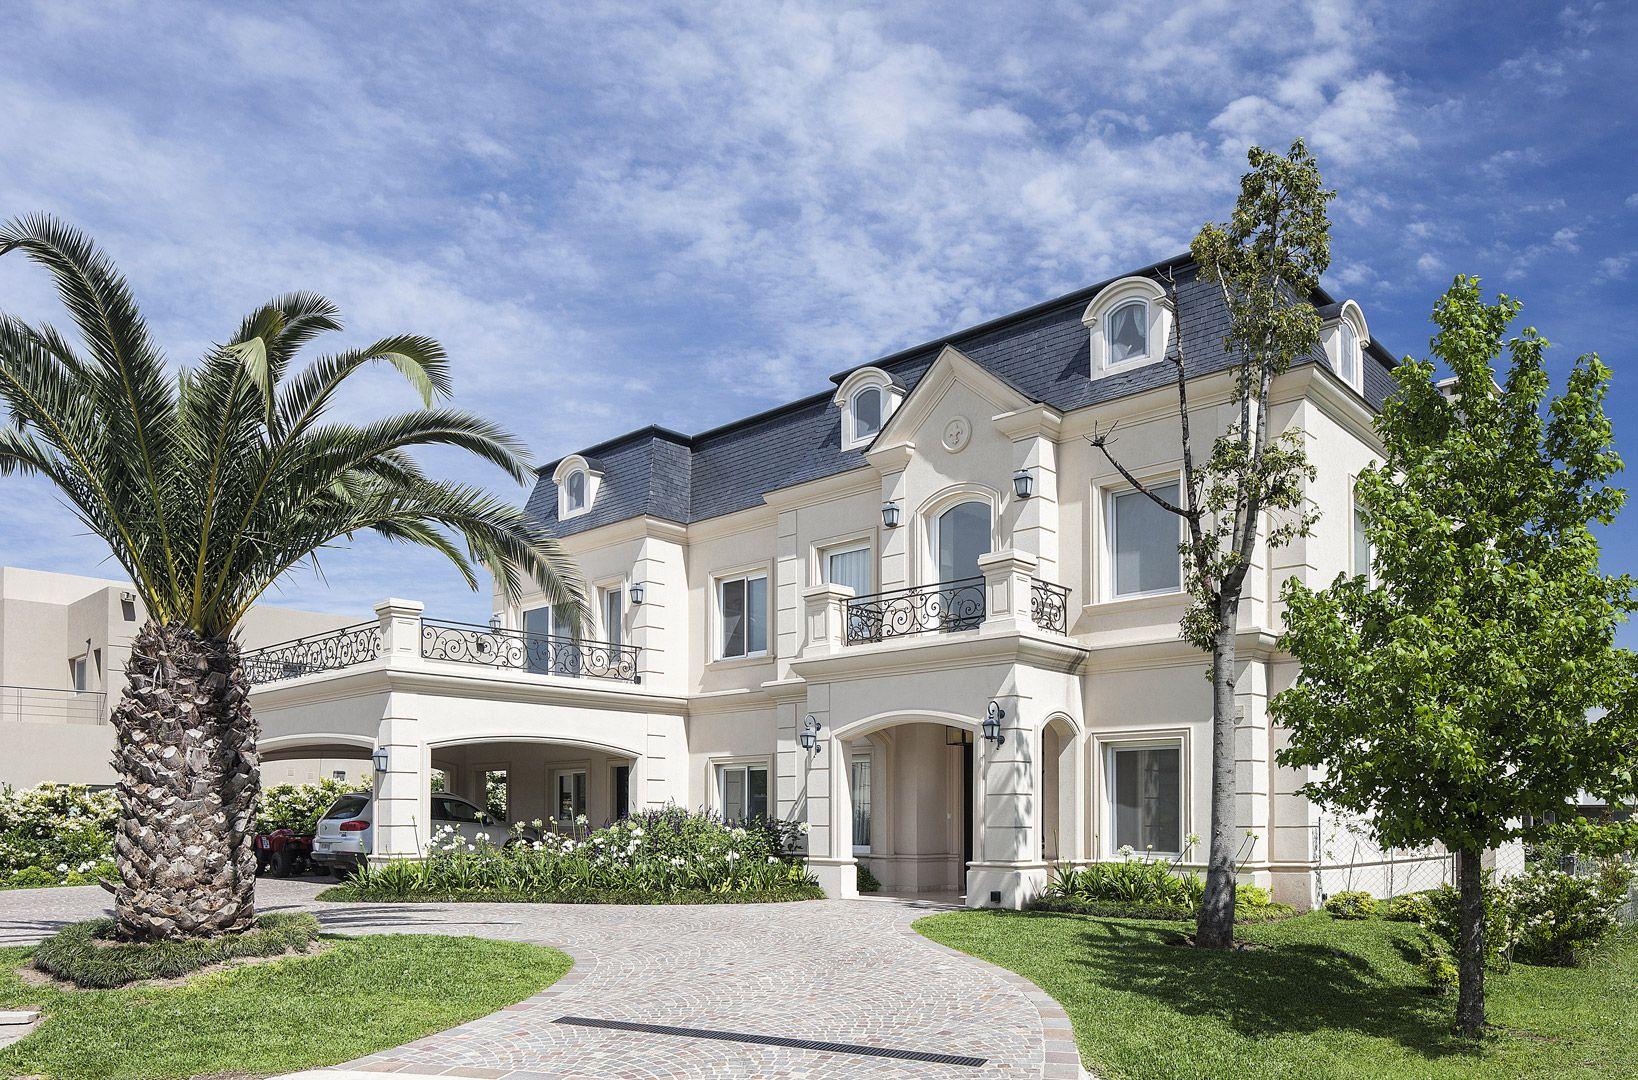 Fern ndez borda arquitectura casas fachadas y estilo for Estilos de casas arquitectura